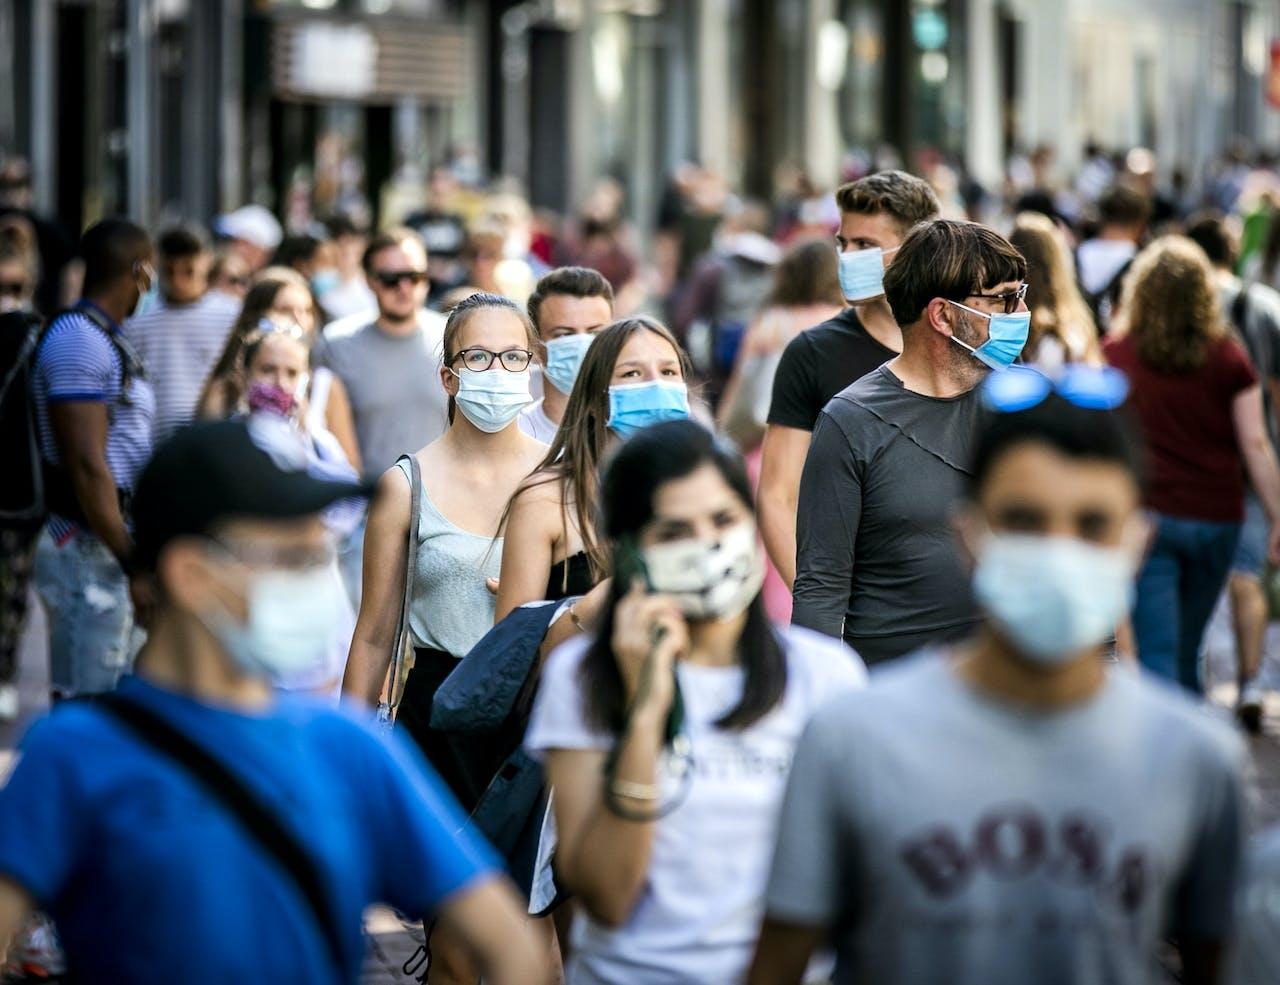 Winkelend publiek in de Kalverstraat. Het dragen van een mondkapje is verplicht op vijf drukke plekken in de stad, waaronder de Dam en de Kalverstraat.